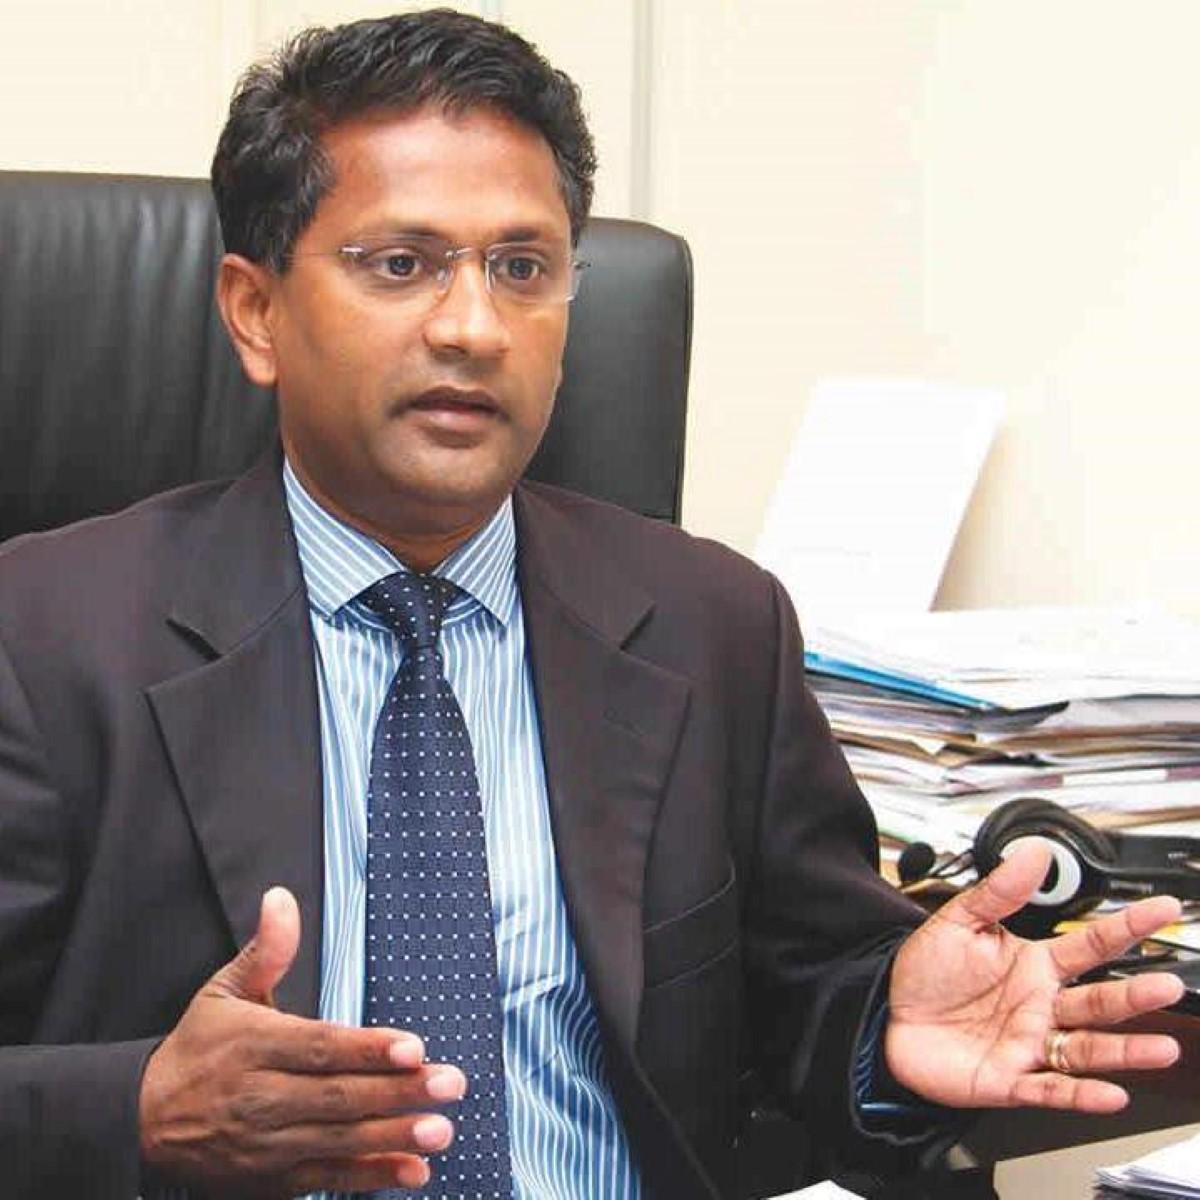 Seety Naidoo pourrait être le prochain directeur de la CWA